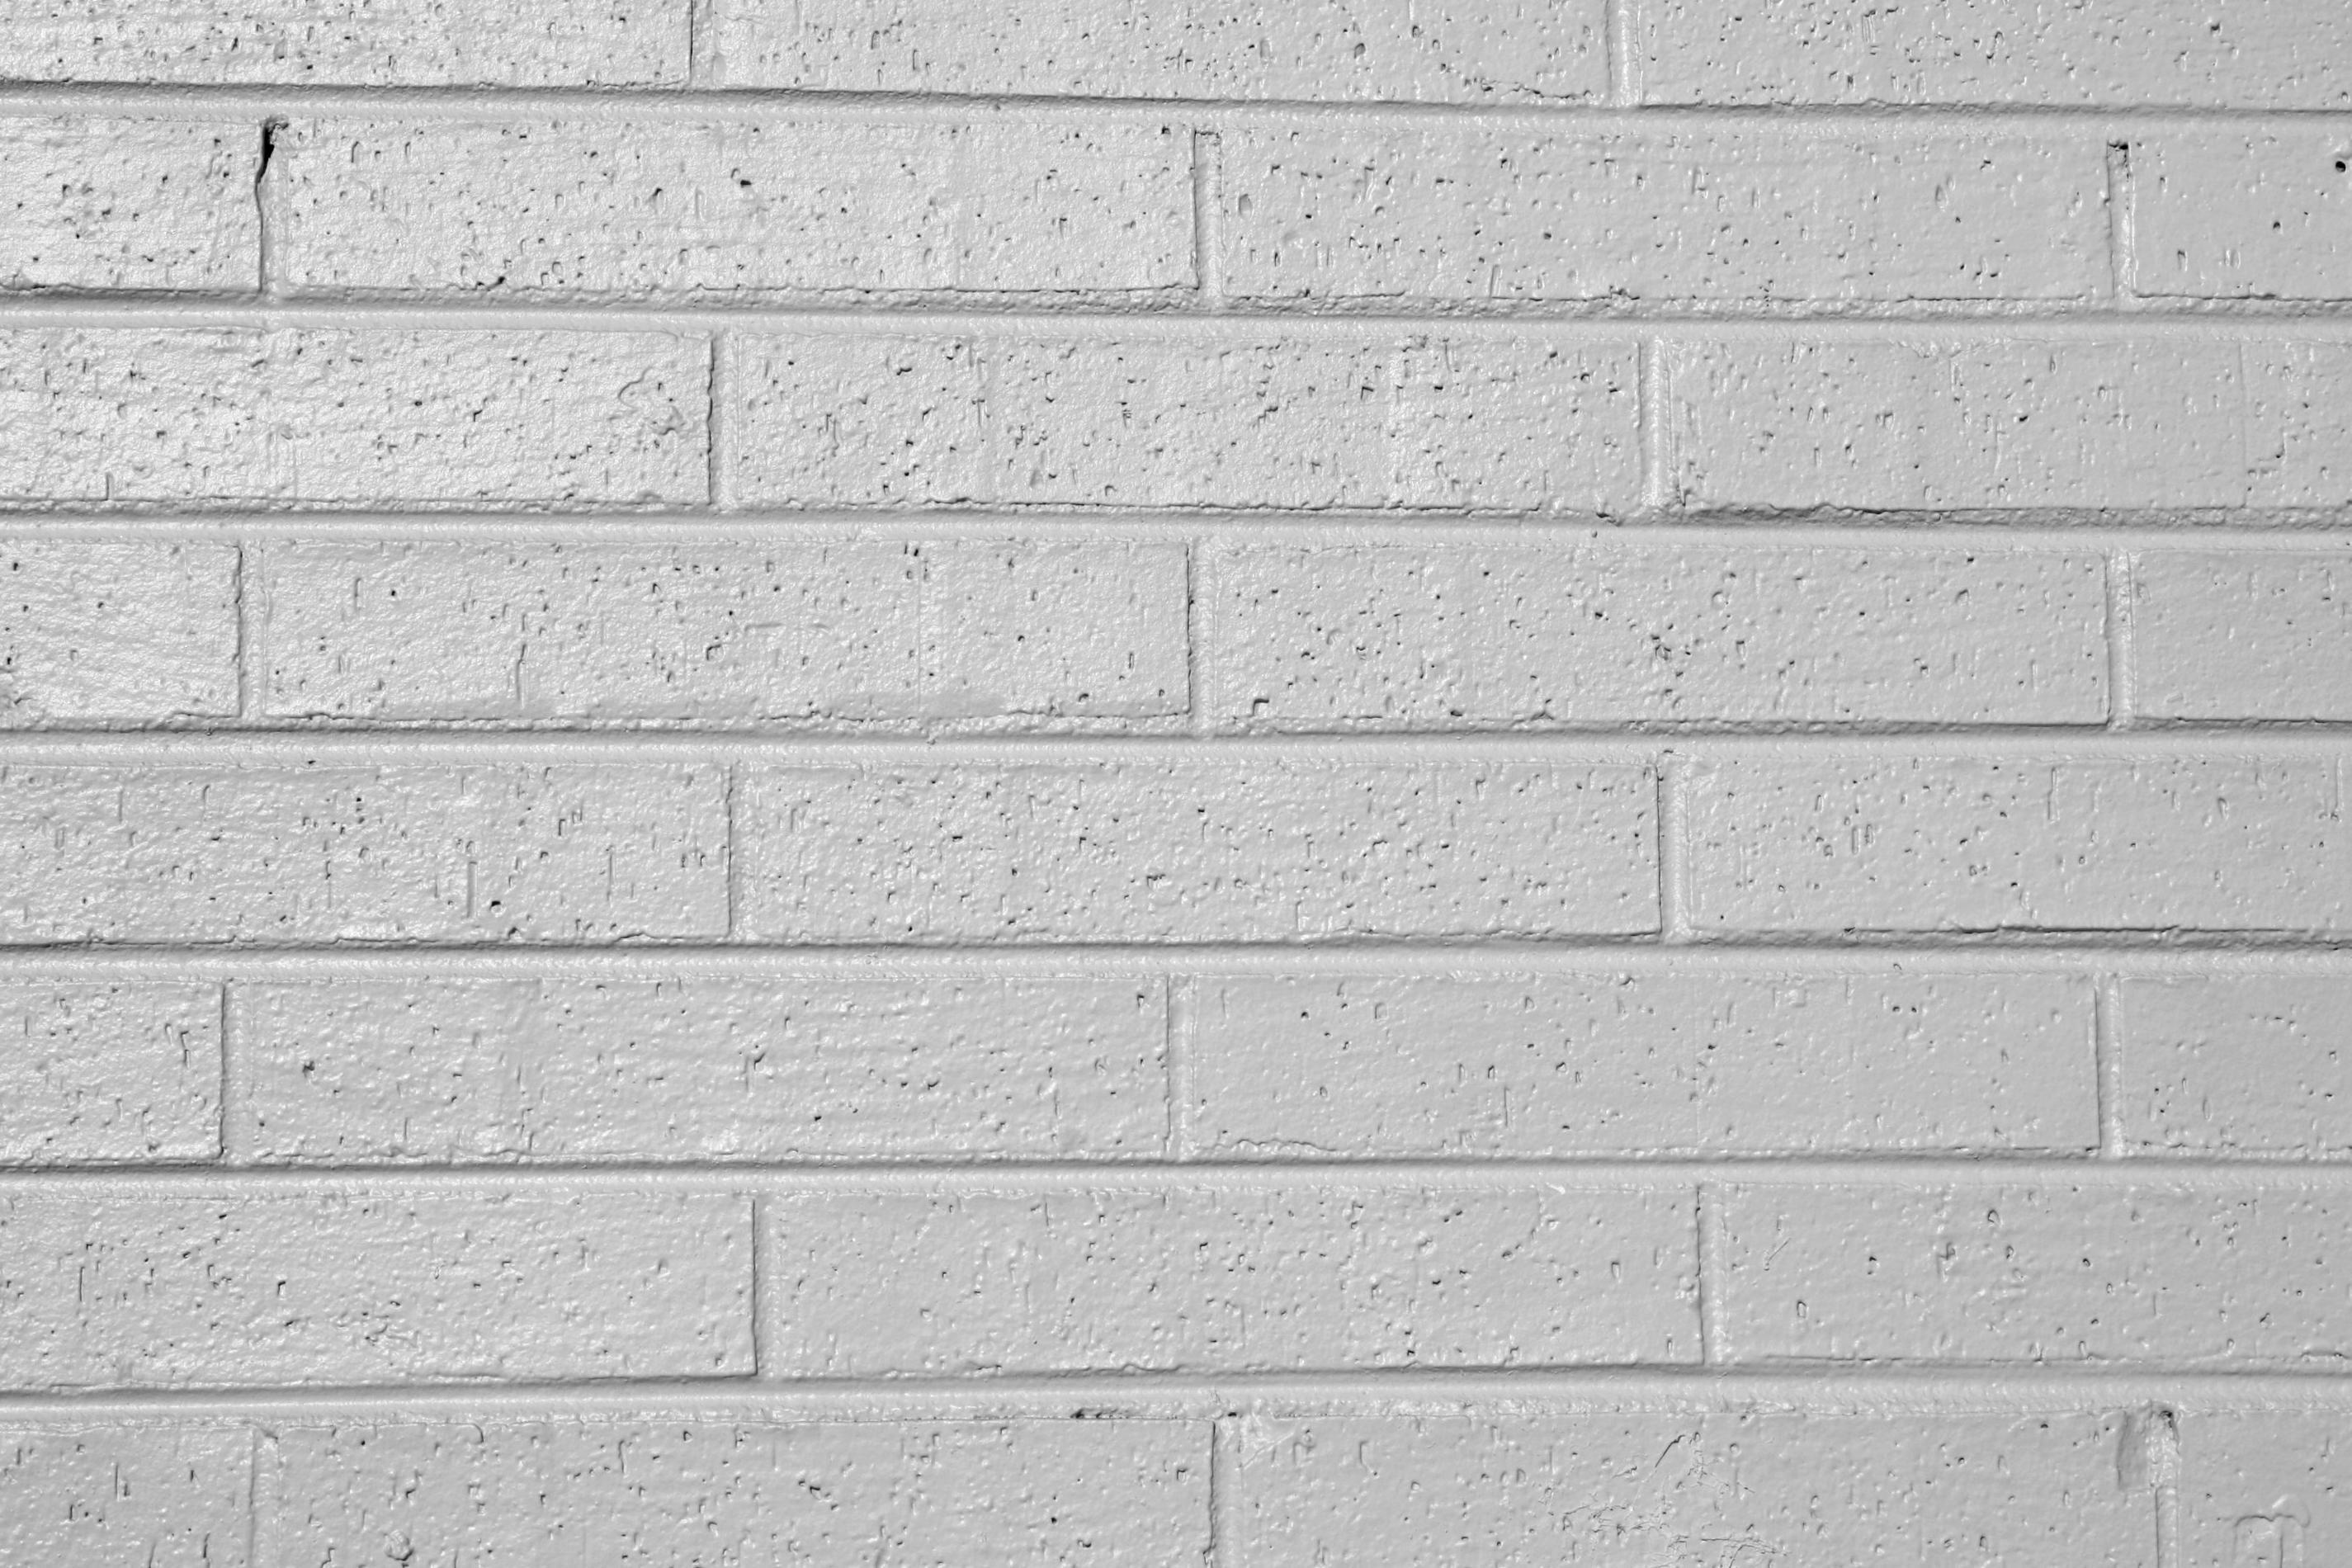 무료 사진: 회색, 그린 벽돌 벽, 텍스처